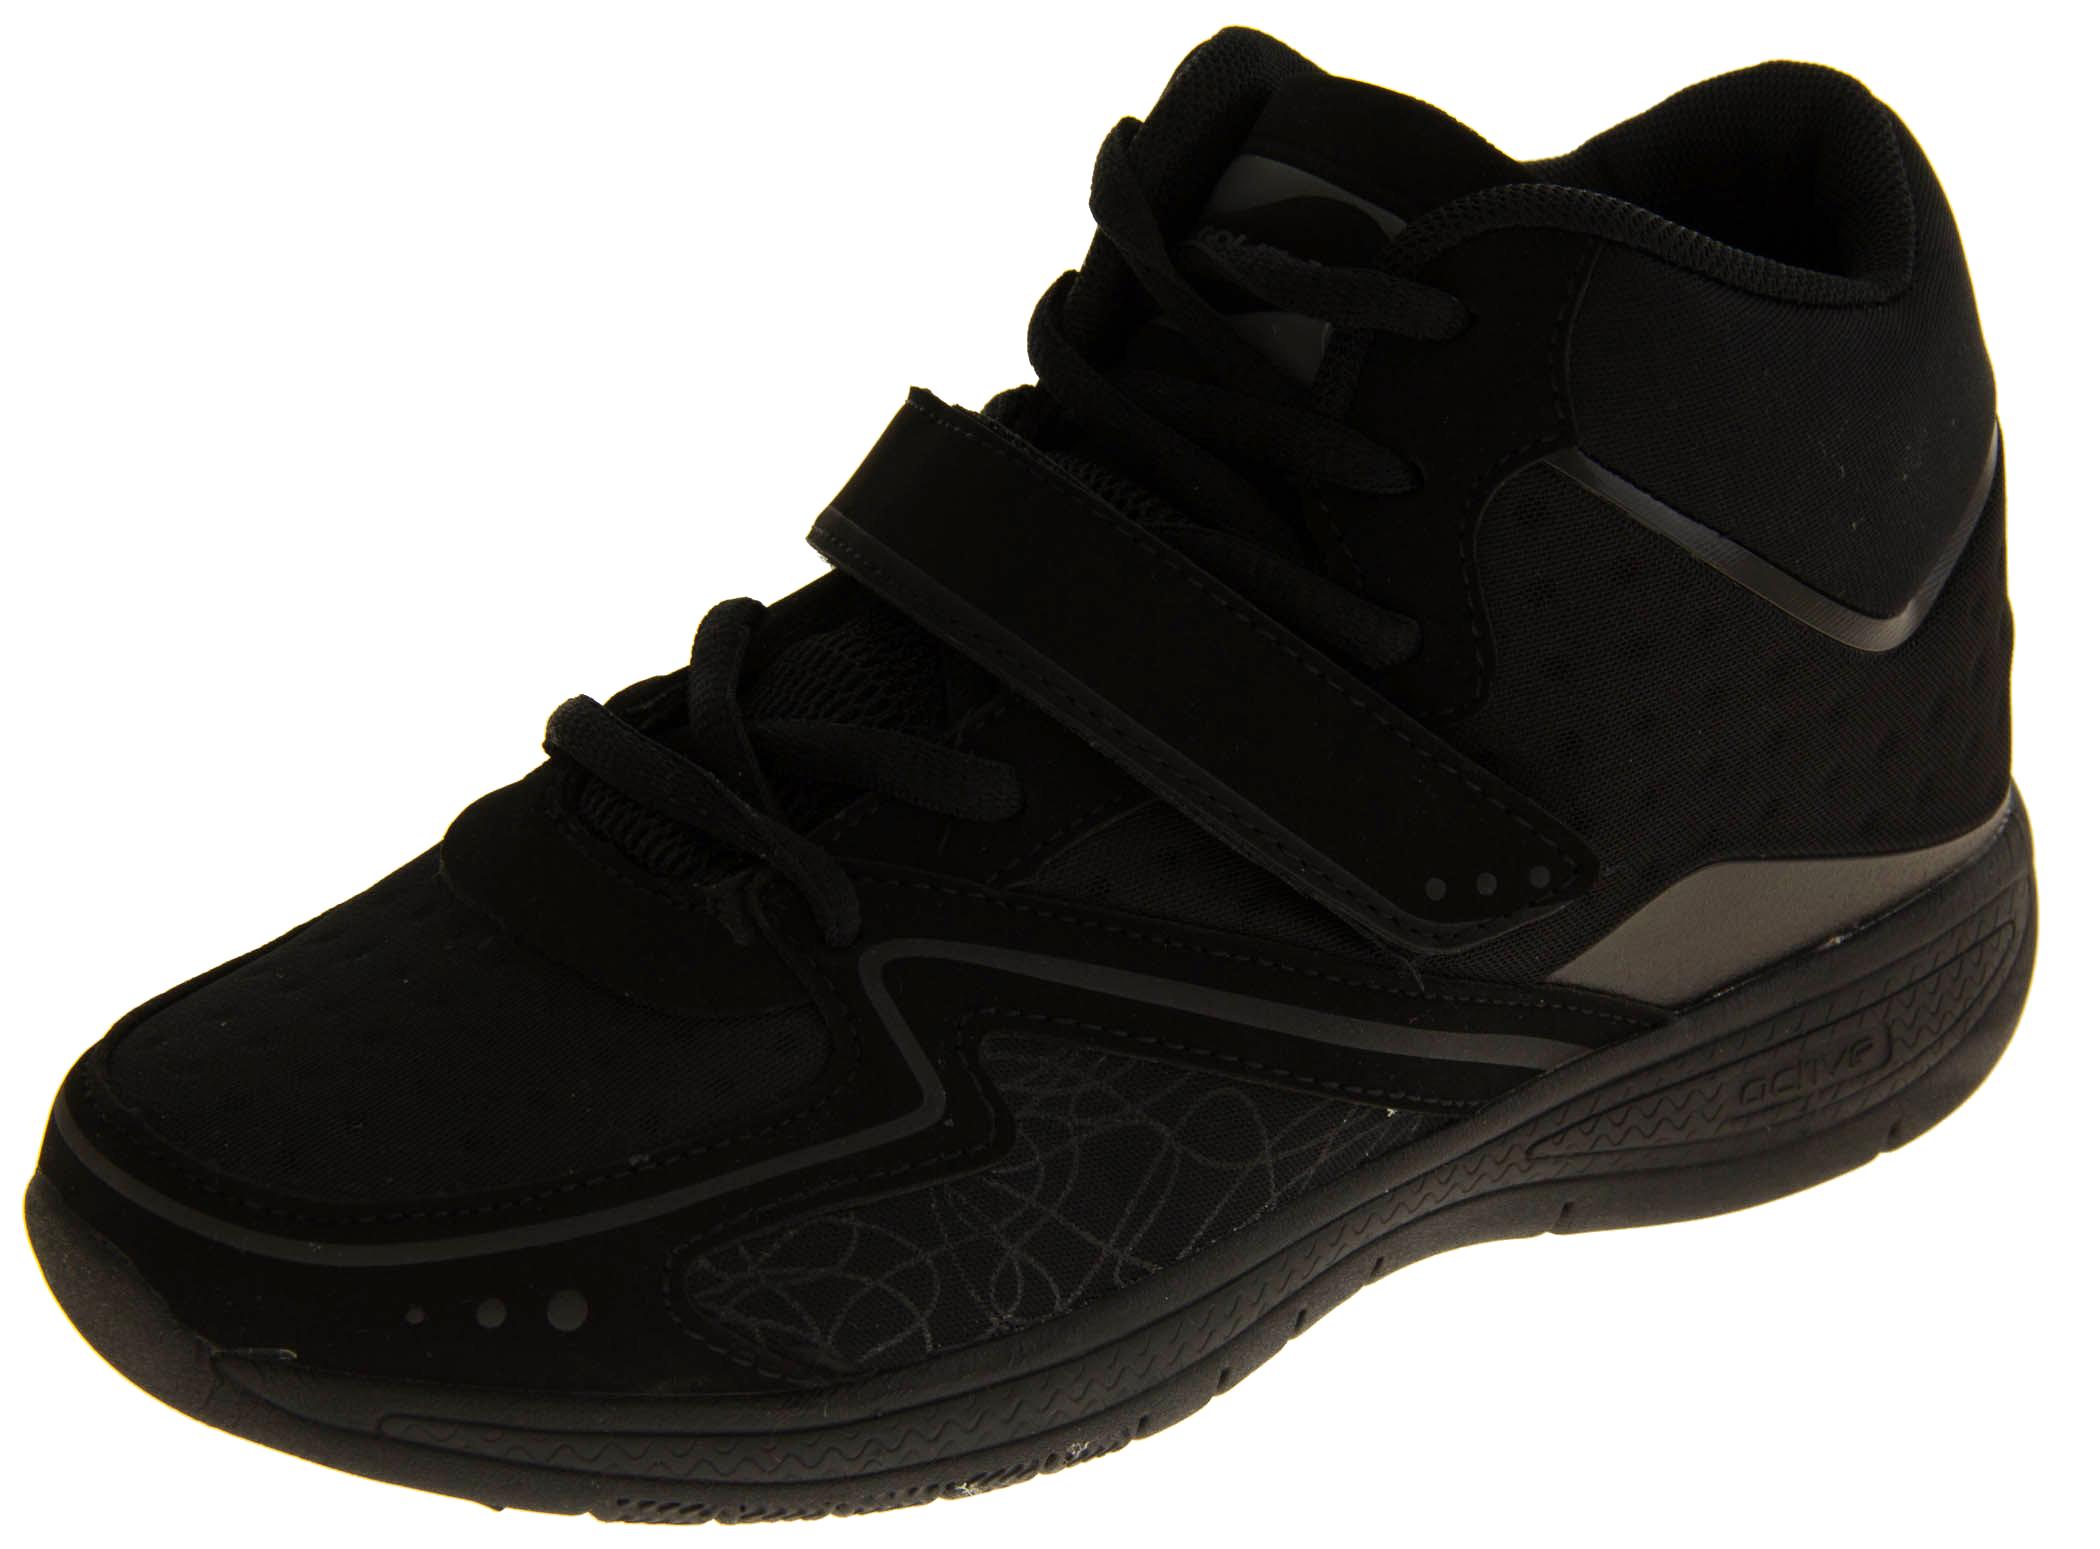 Gola Black Training Shoes